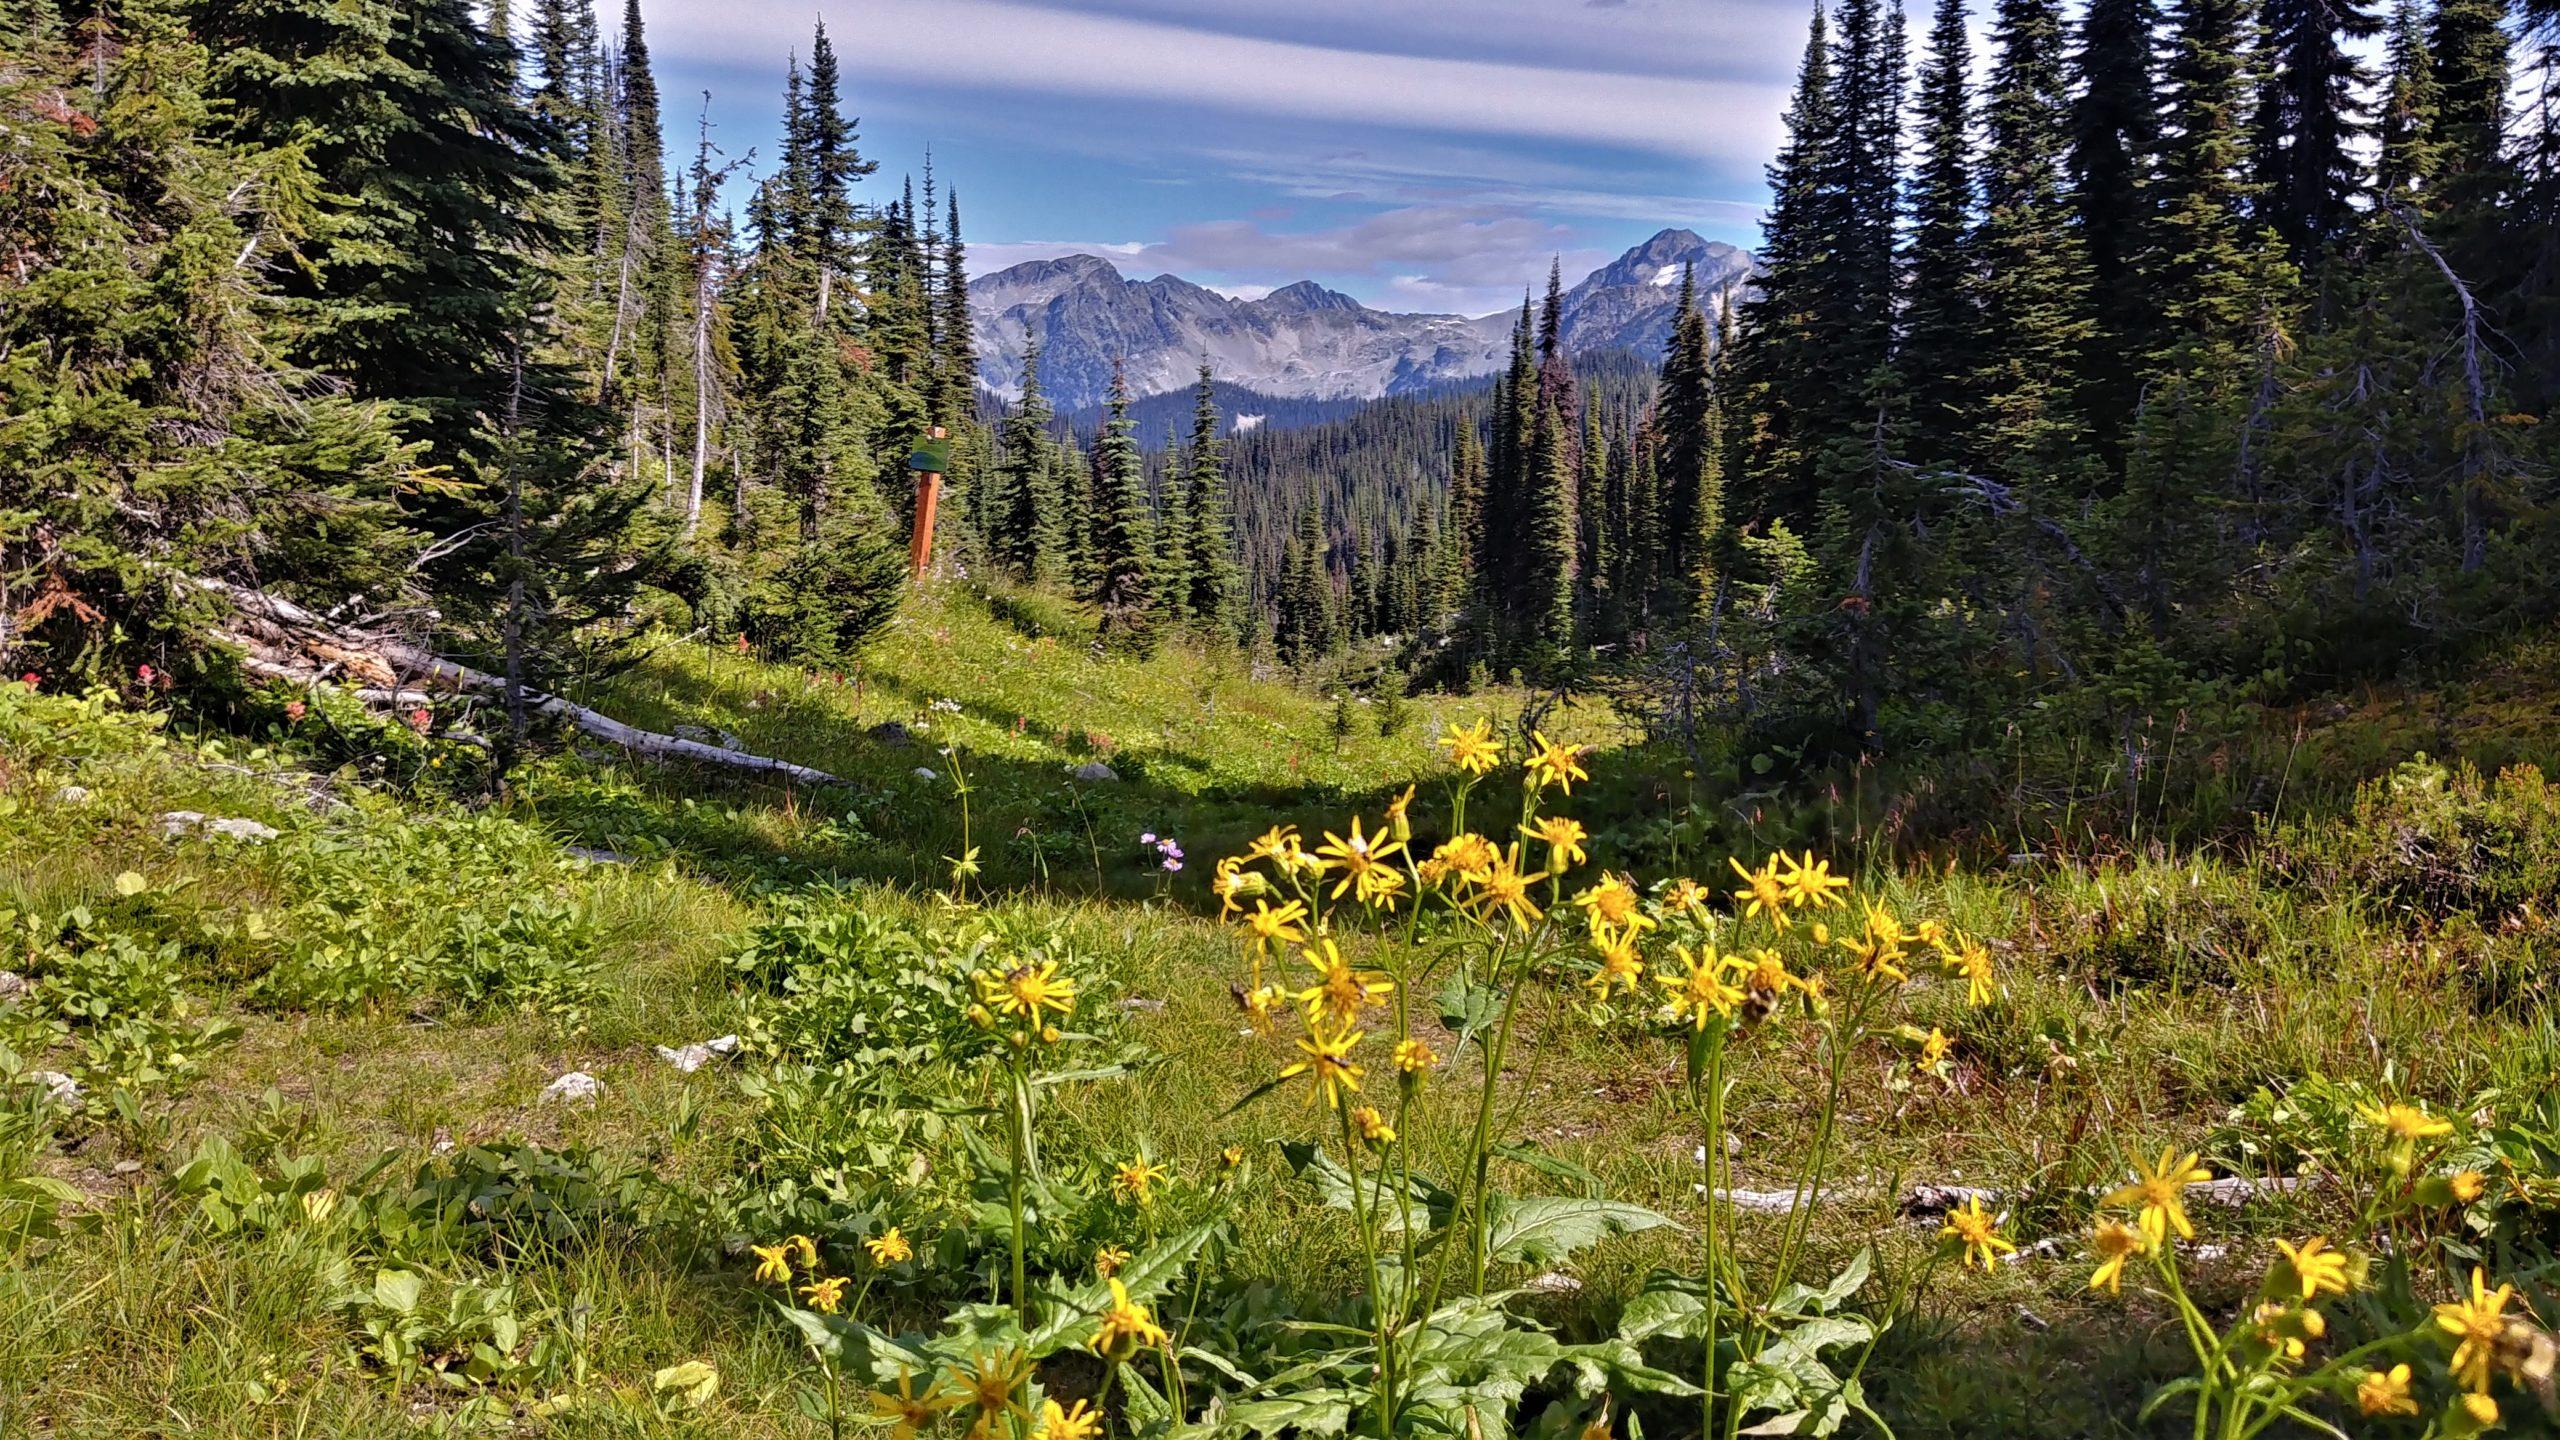 Sentier du lac Eva, parc national du Mont-Revelstoke Canada